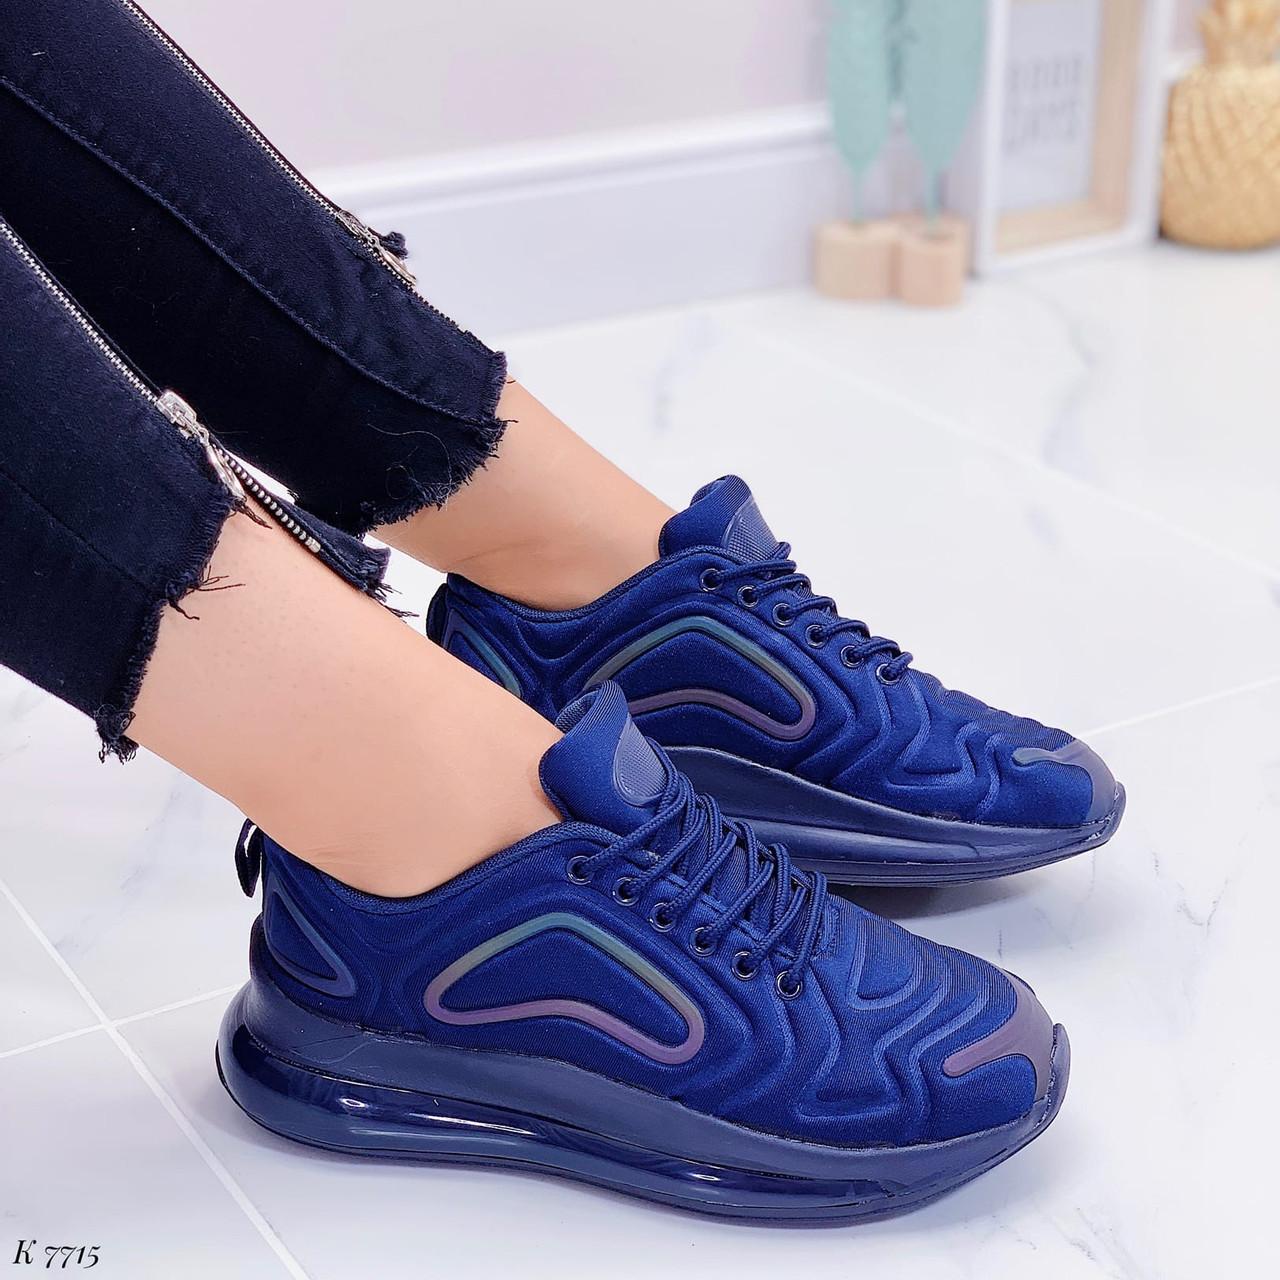 Кроссовки женские синие текстиль